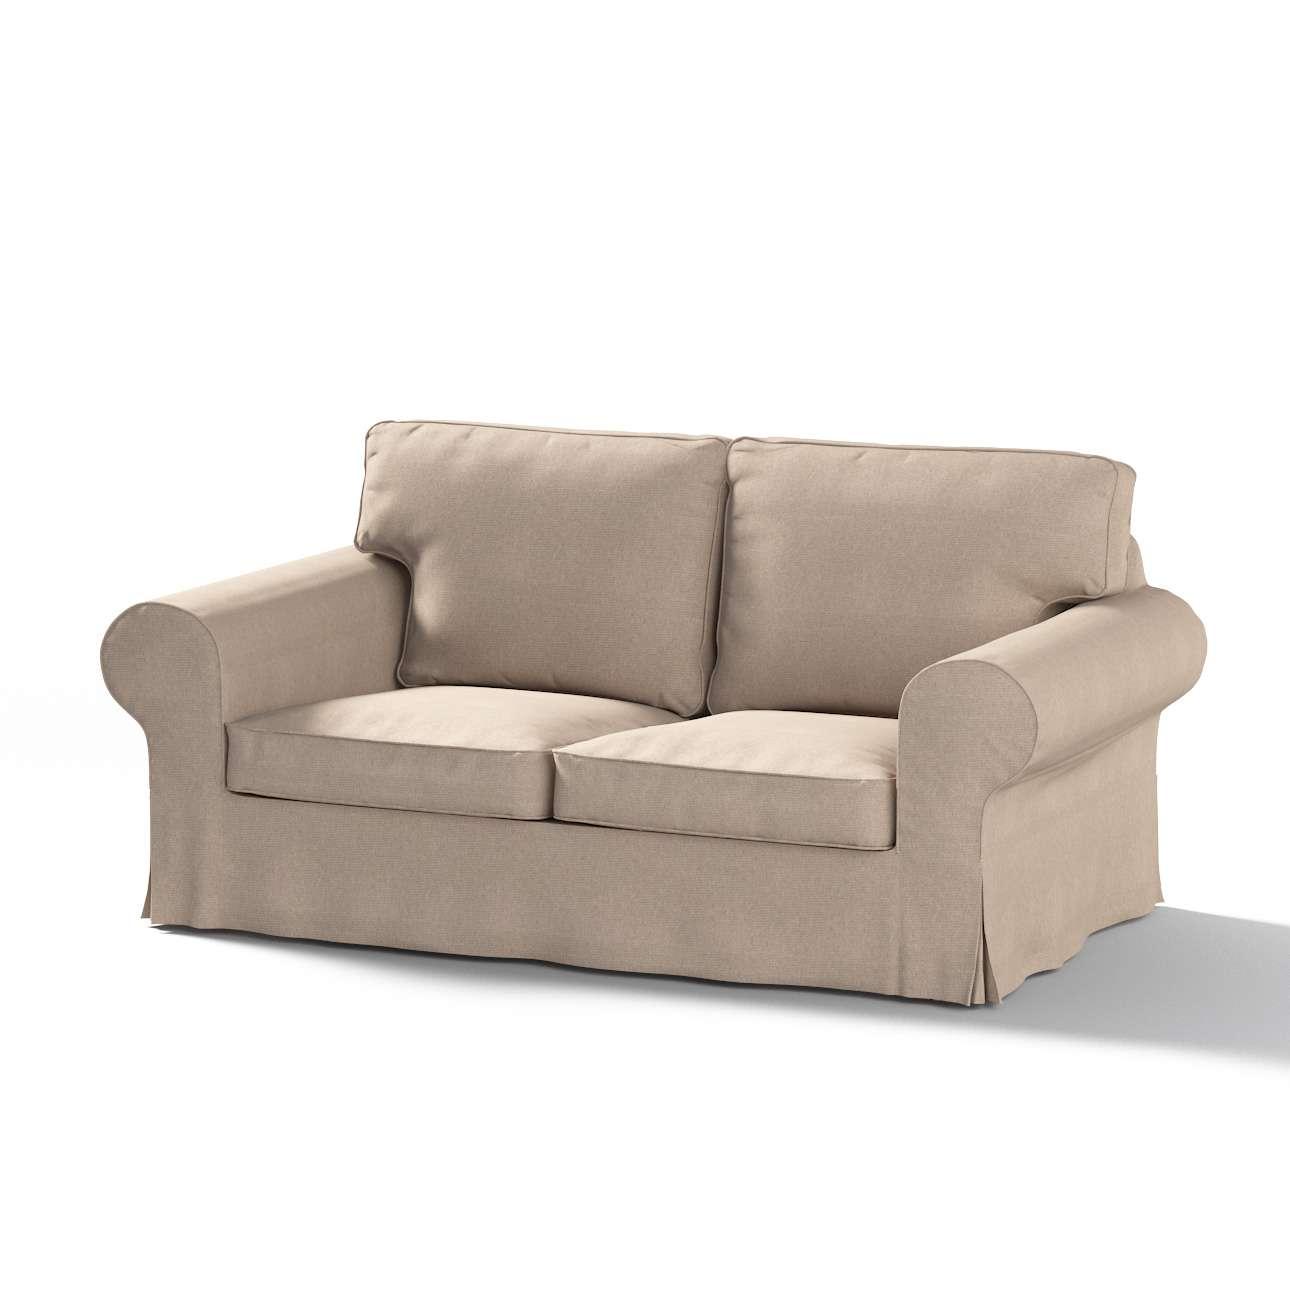 Poťah na sedačku Ektorp (nerozkladá sa, pre 2 osoby) V kolekcii Etna, tkanina: 705-09